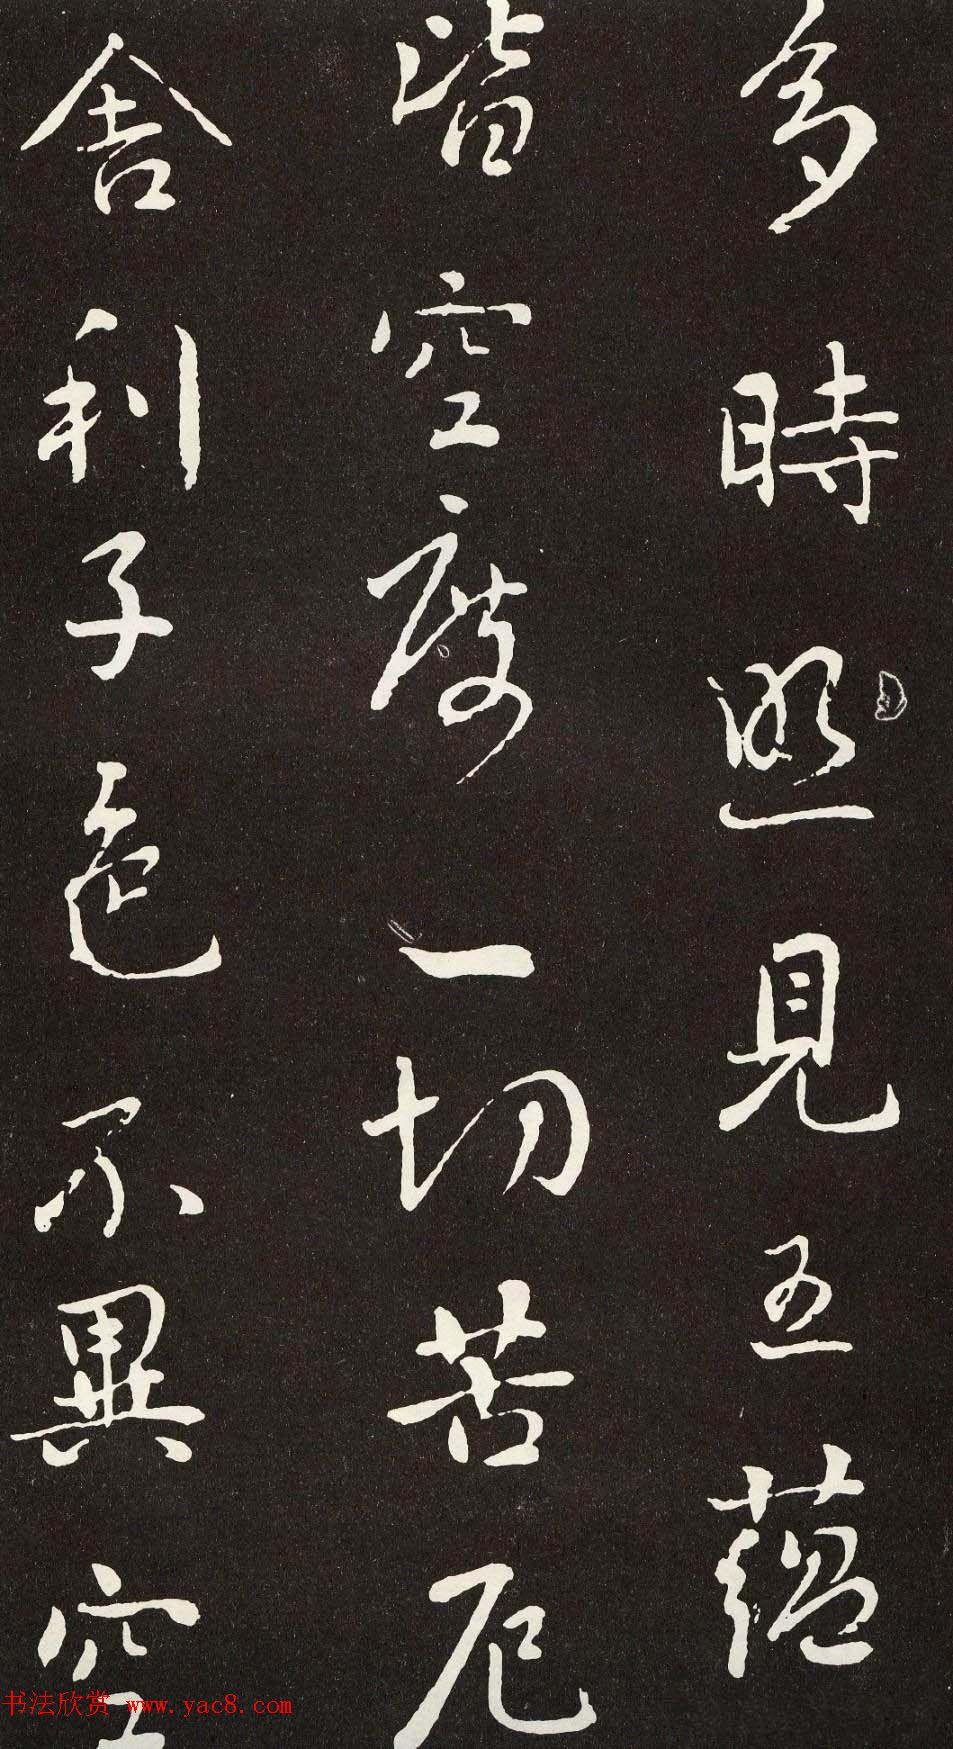 刘墉行书欣赏《般若波罗密多心经》拓本